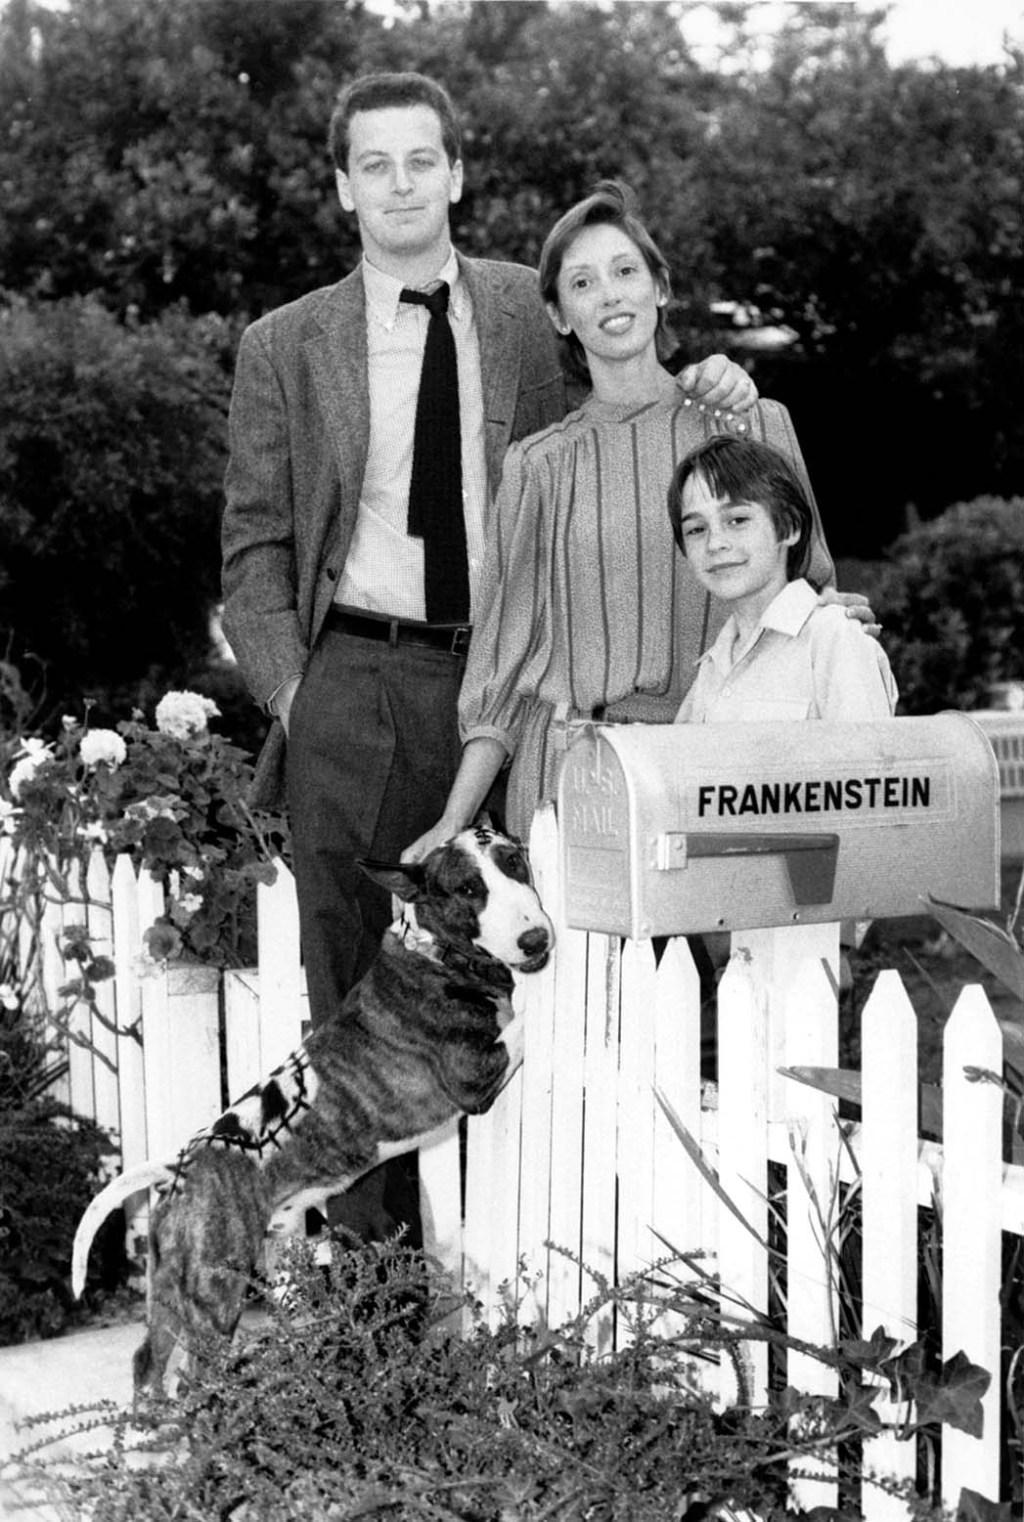 Frankenweenie 1984